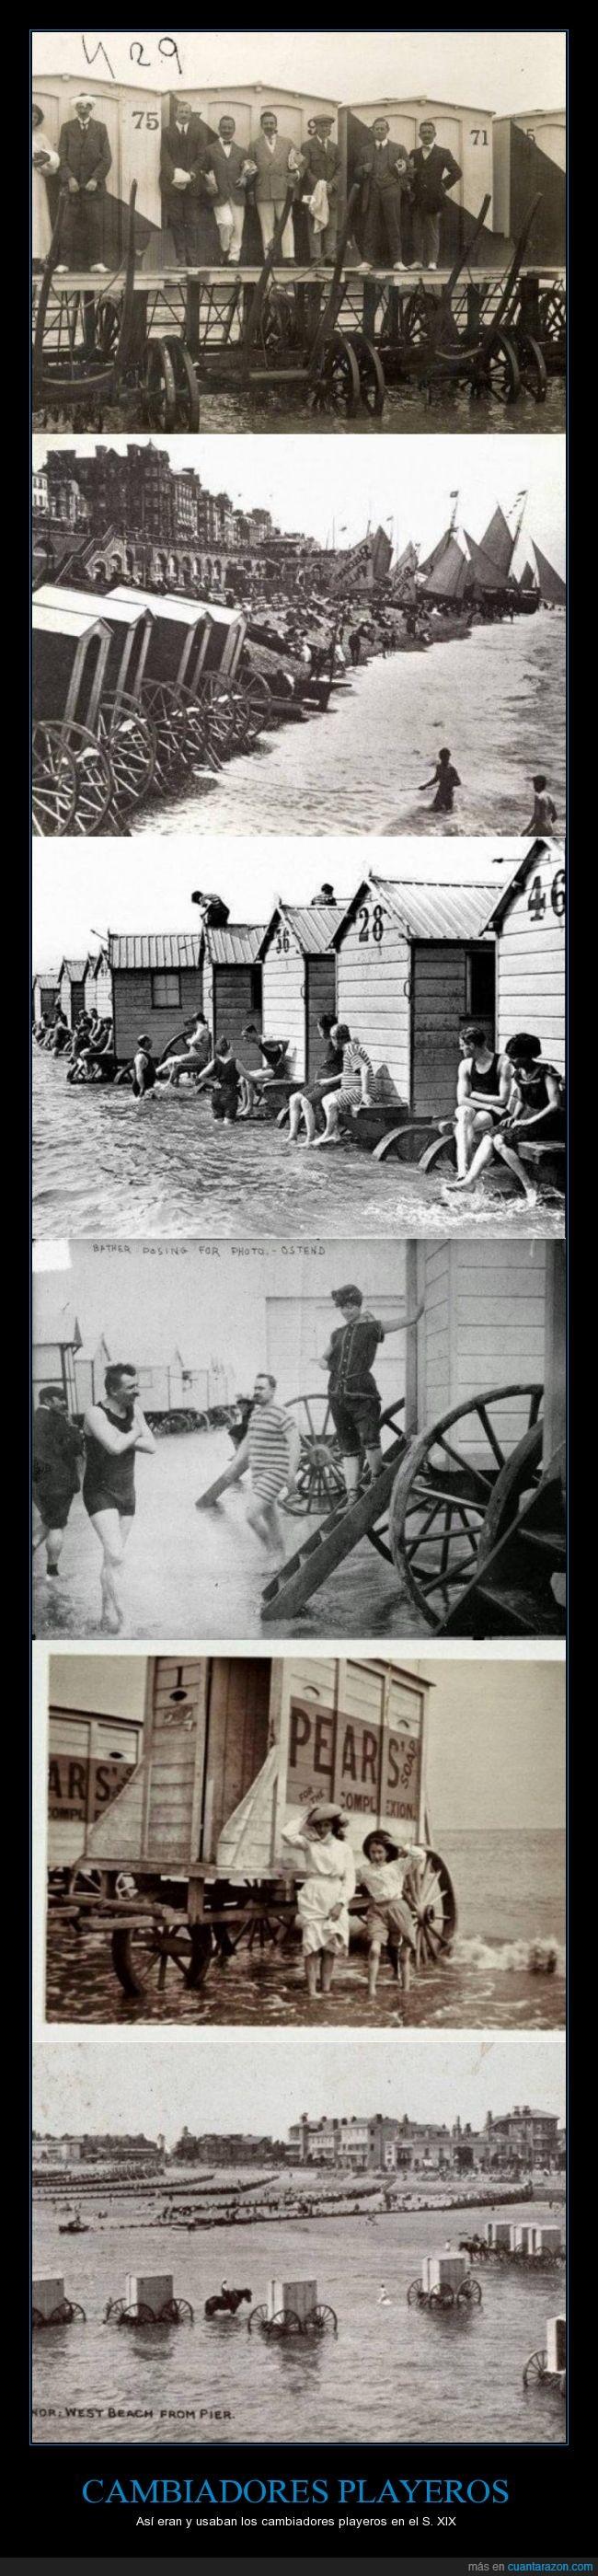 Cambiadores playeros,curioso,Estados Unidos,Europa,natación recreativa,plyas,S. XIX